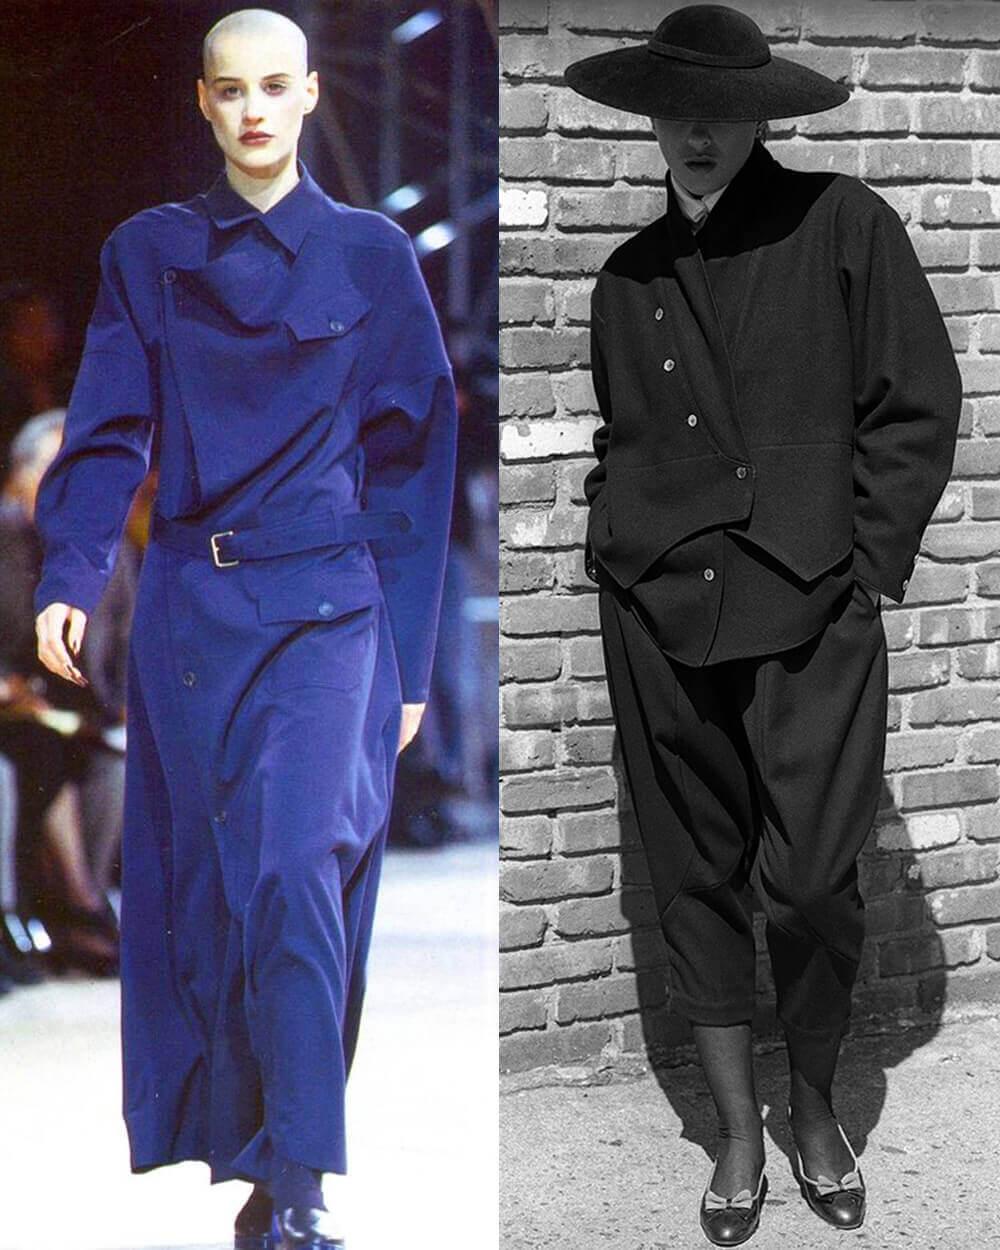 Thời trang Nhật Bản và những bước tiến tiên phong đổi mới - hình ảnh 7